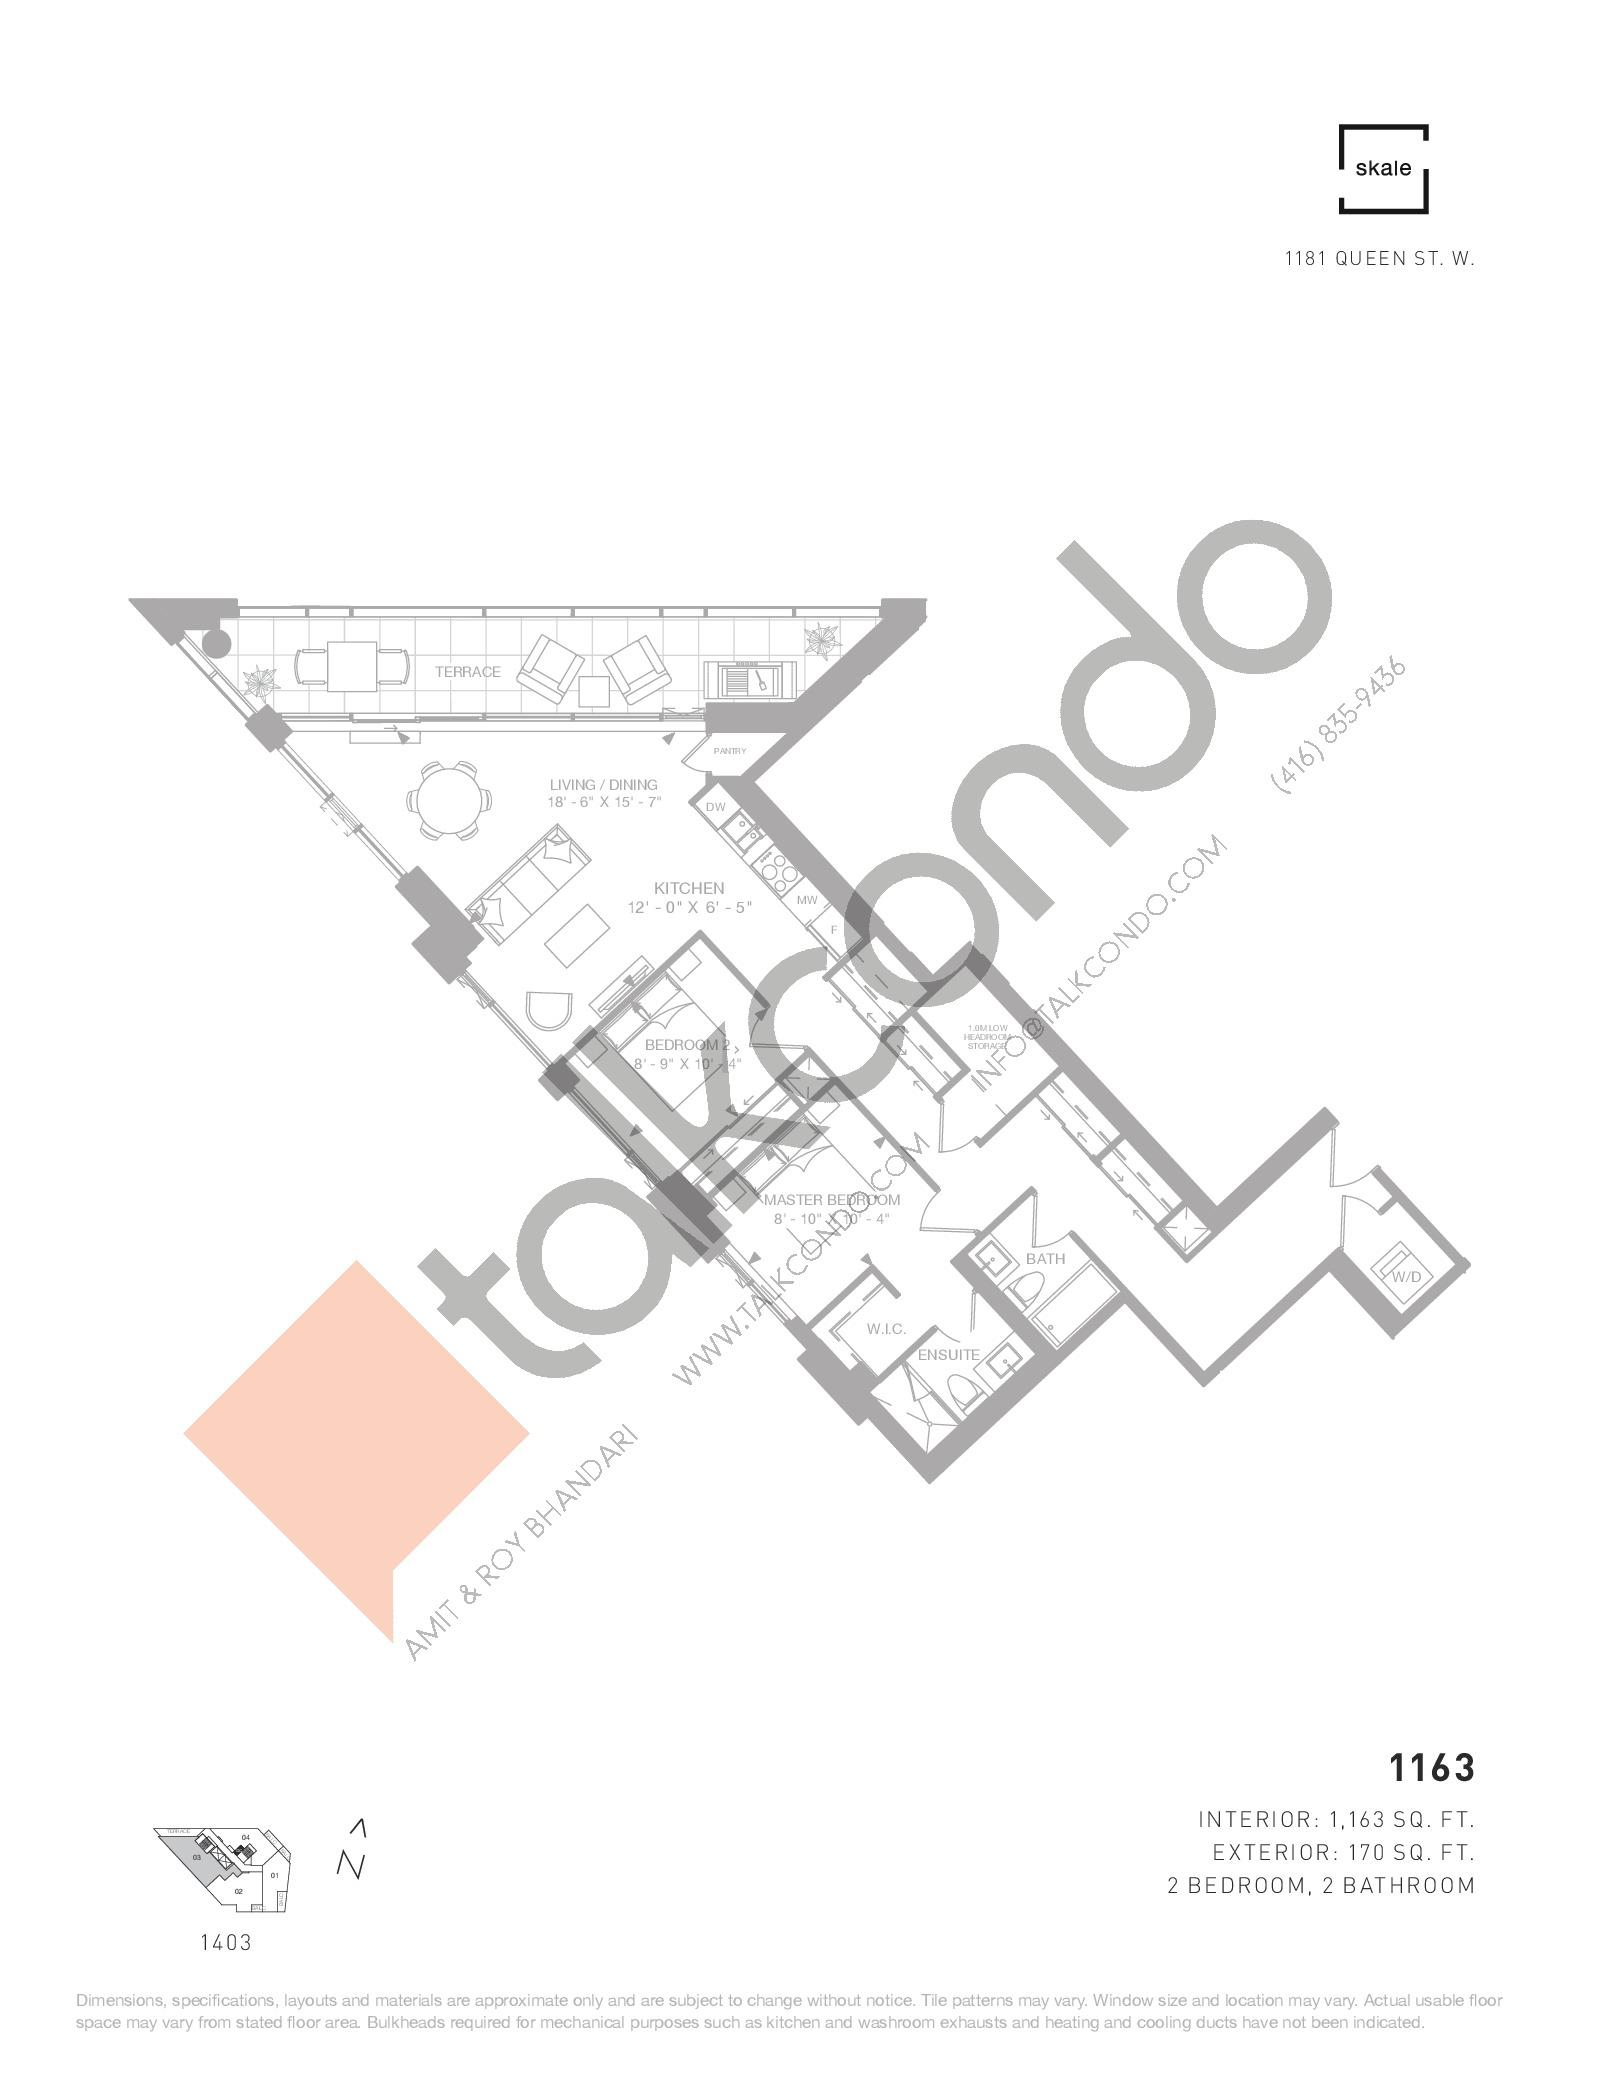 1163 Floor Plan at 1181 Queen West Condos - 1163 sq.ft